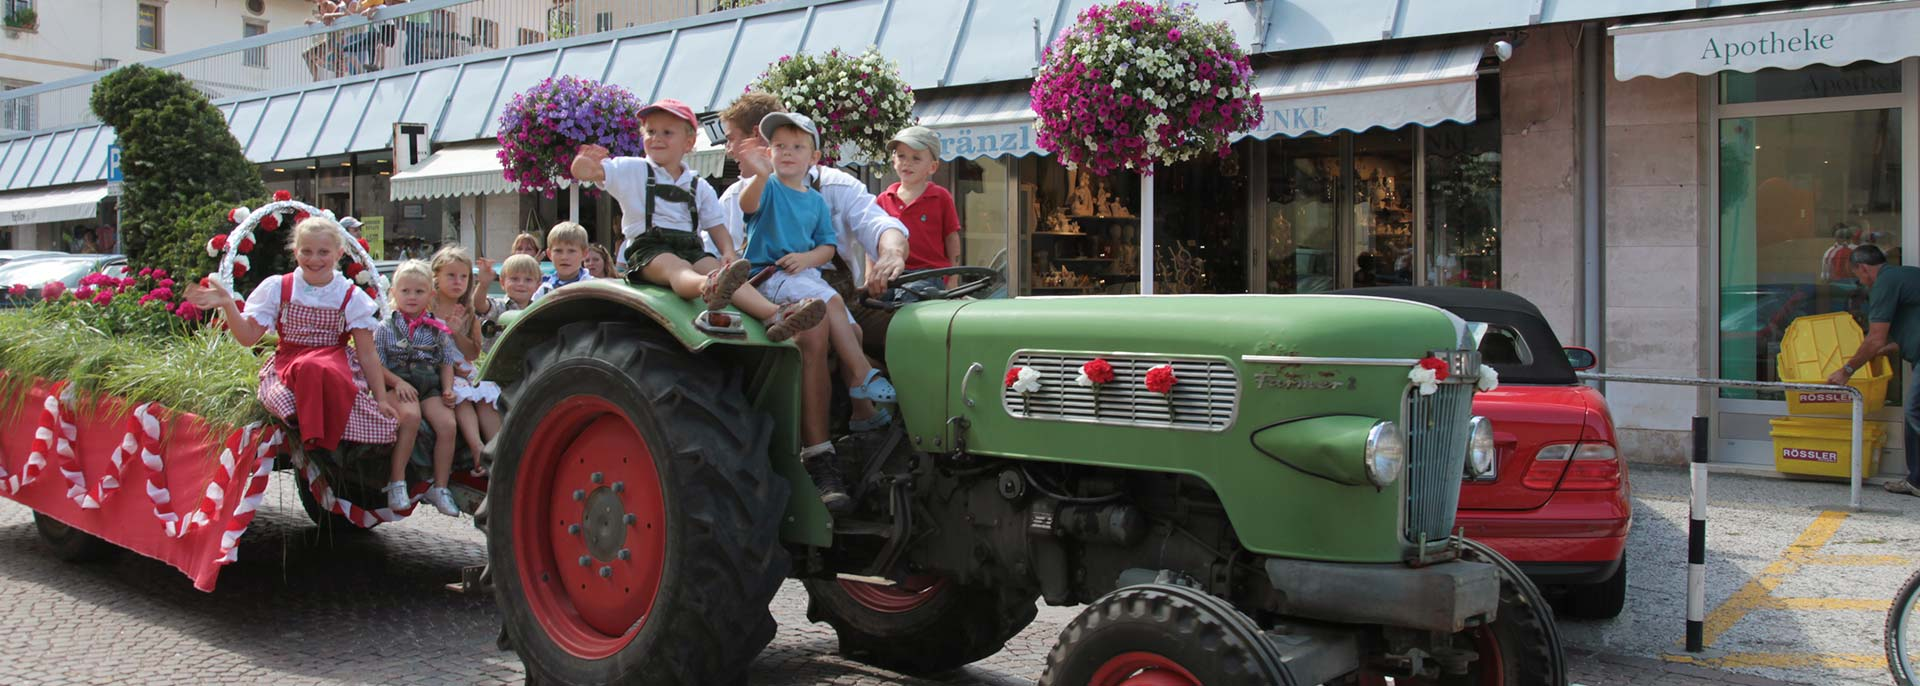 Umzug in Kaltern - Kinder auf Traktor - Urlaub in Kaltern am See